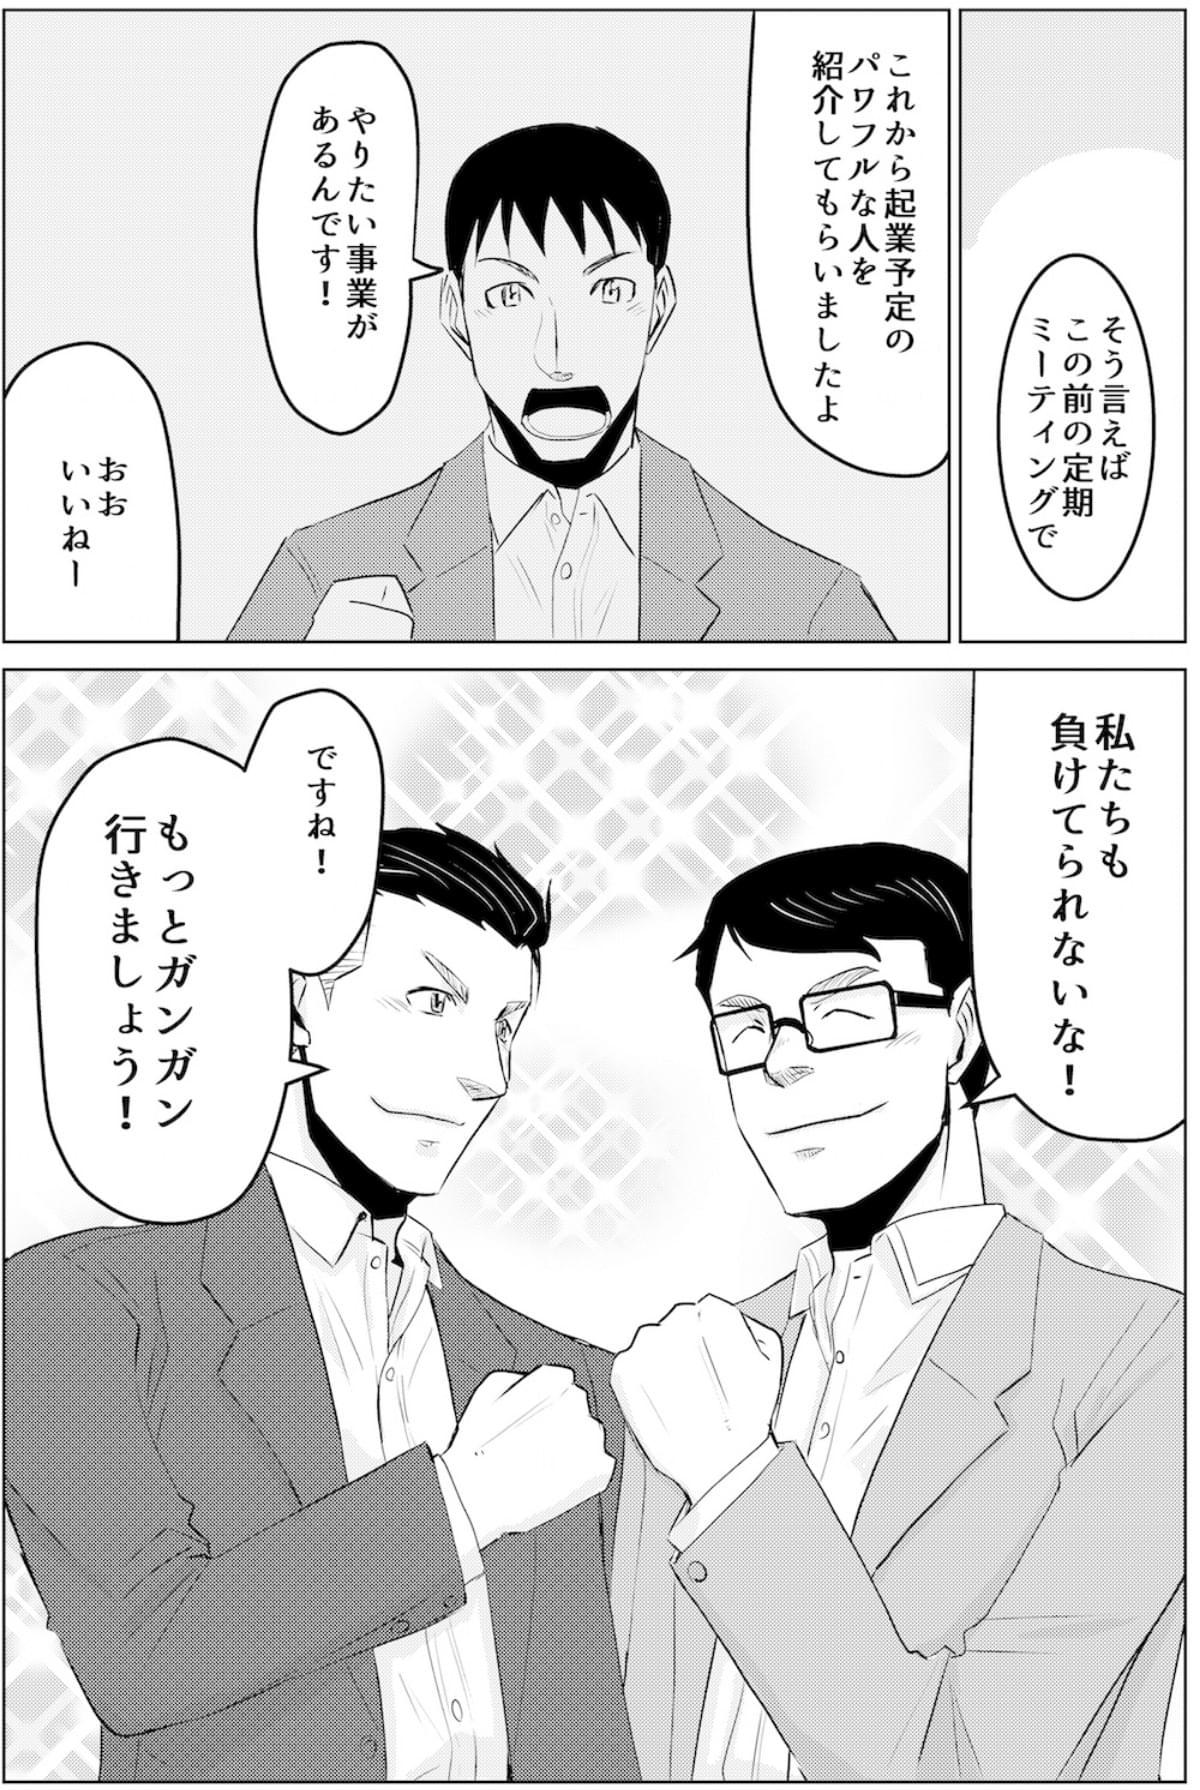 チャレンジャーズ漫画_013